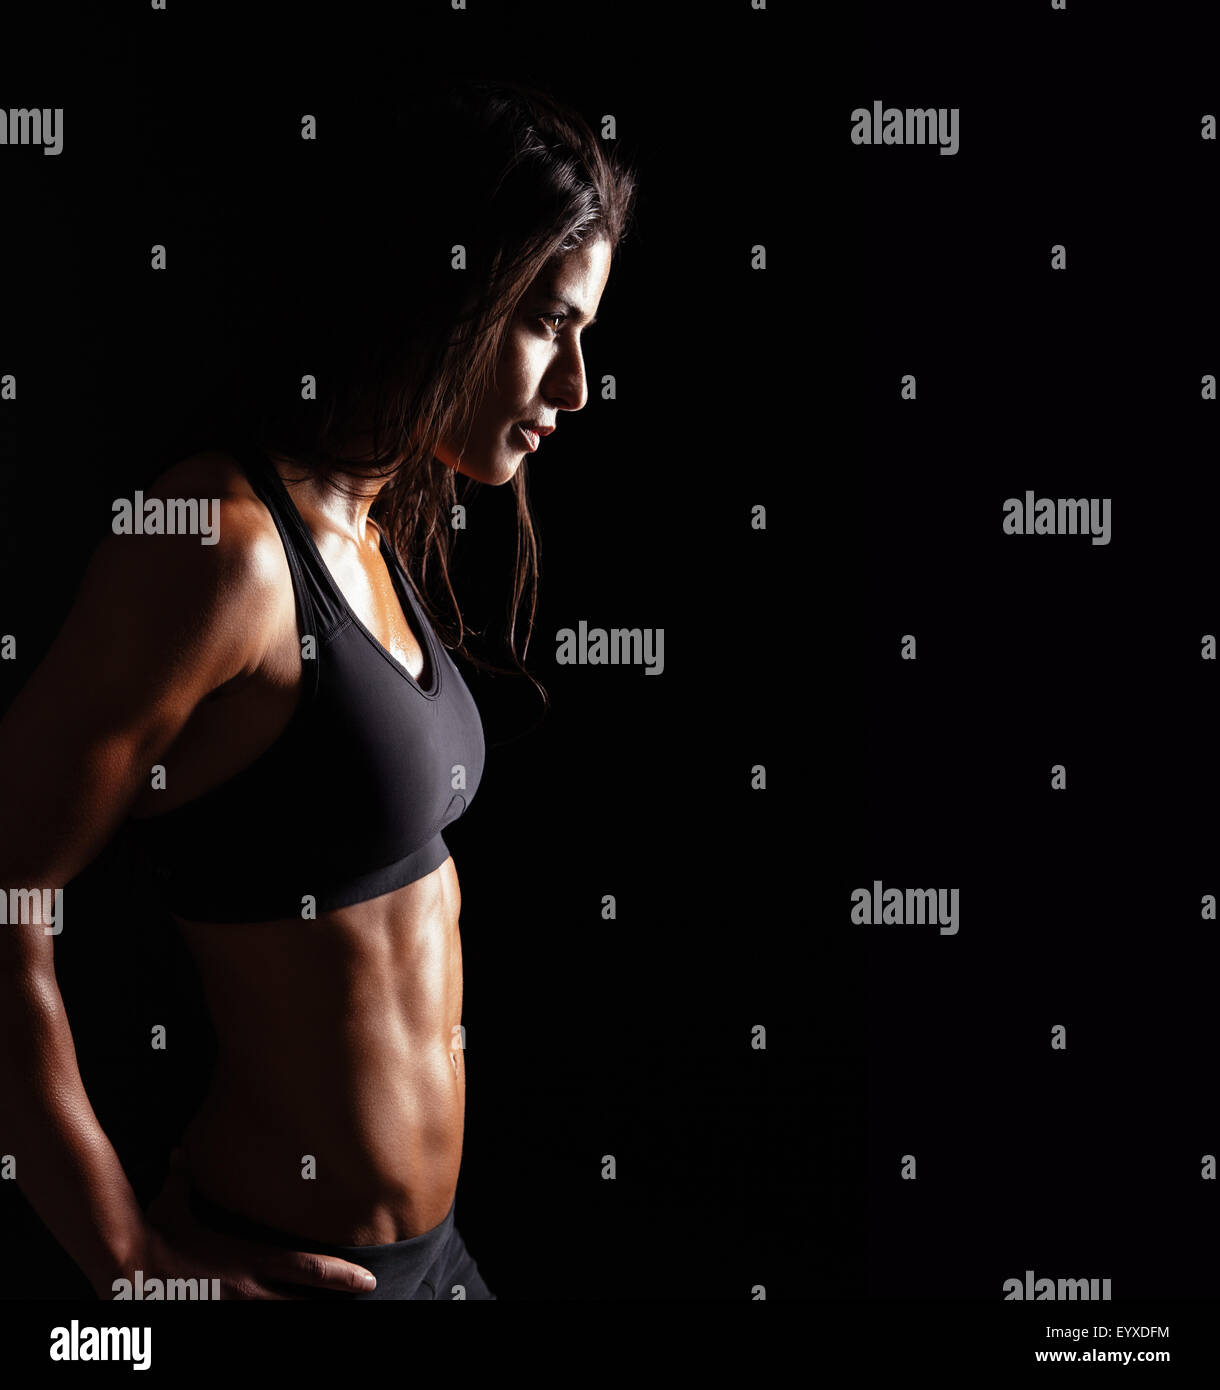 Imagen de la mujer en ropa deportiva fitness apartar la mirada sobre fondo negro. Mujer joven con perfecto cuerpo Imagen De Stock